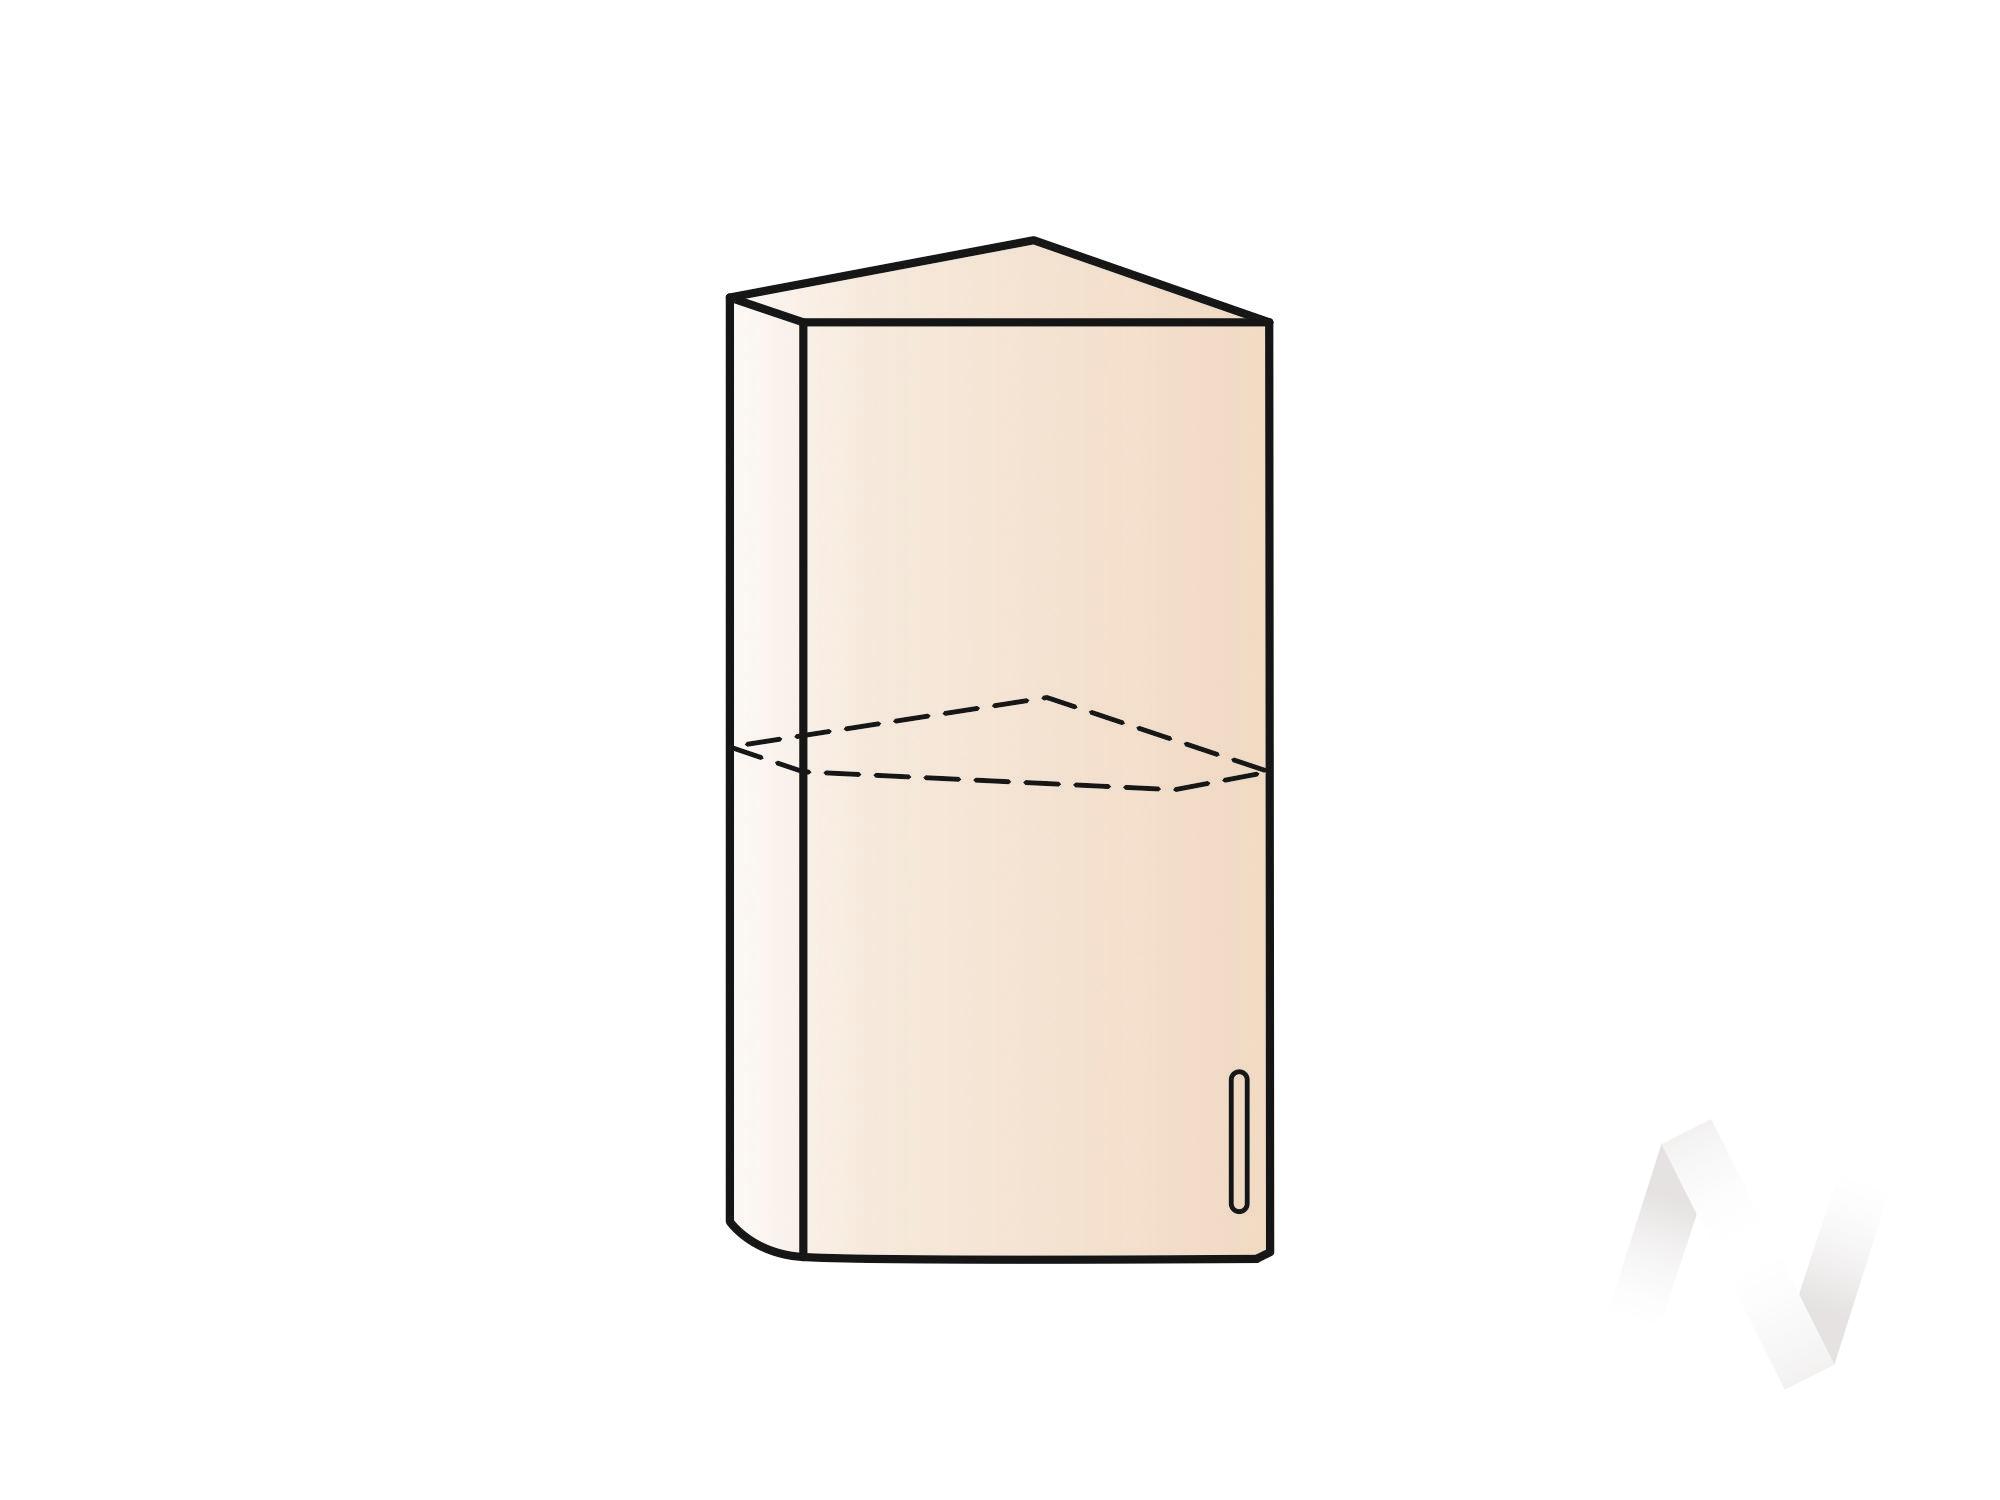 """Кухня """"Вена"""": Шкаф верхний торцевой 224, ШВТ 224 (корпус белый)  в Томске — интернет магазин МИРА-мебель"""